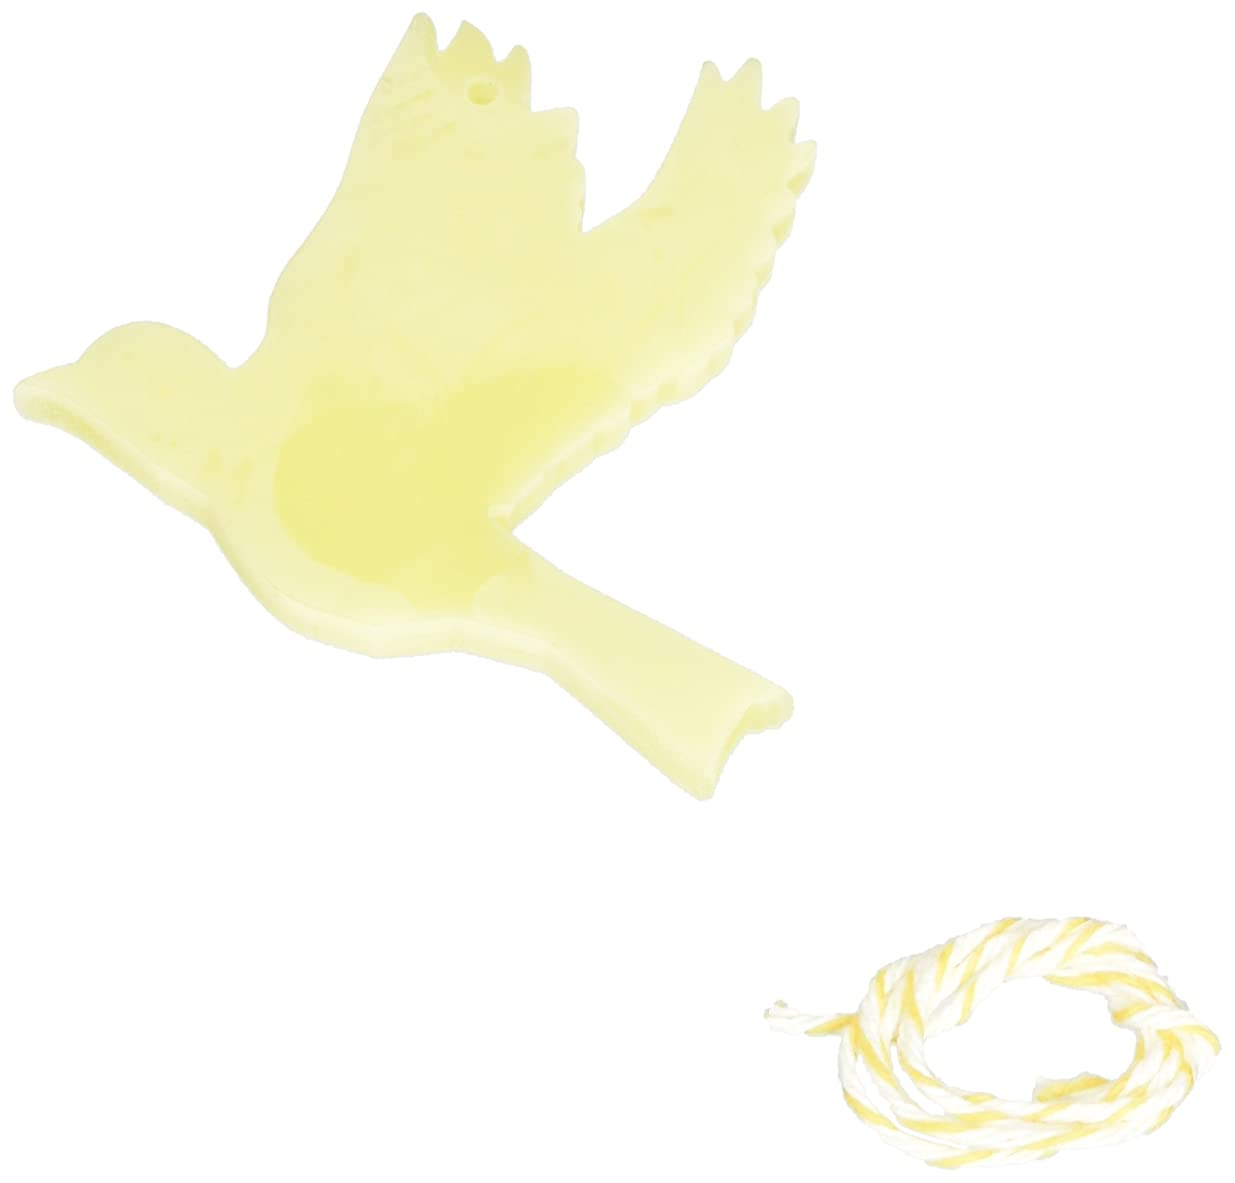 光のトリムボスGRASSE TOKYO AROMATICWAXチャーム「ハト」(YE) ベルガモット アロマティックワックス グラーストウキョウ